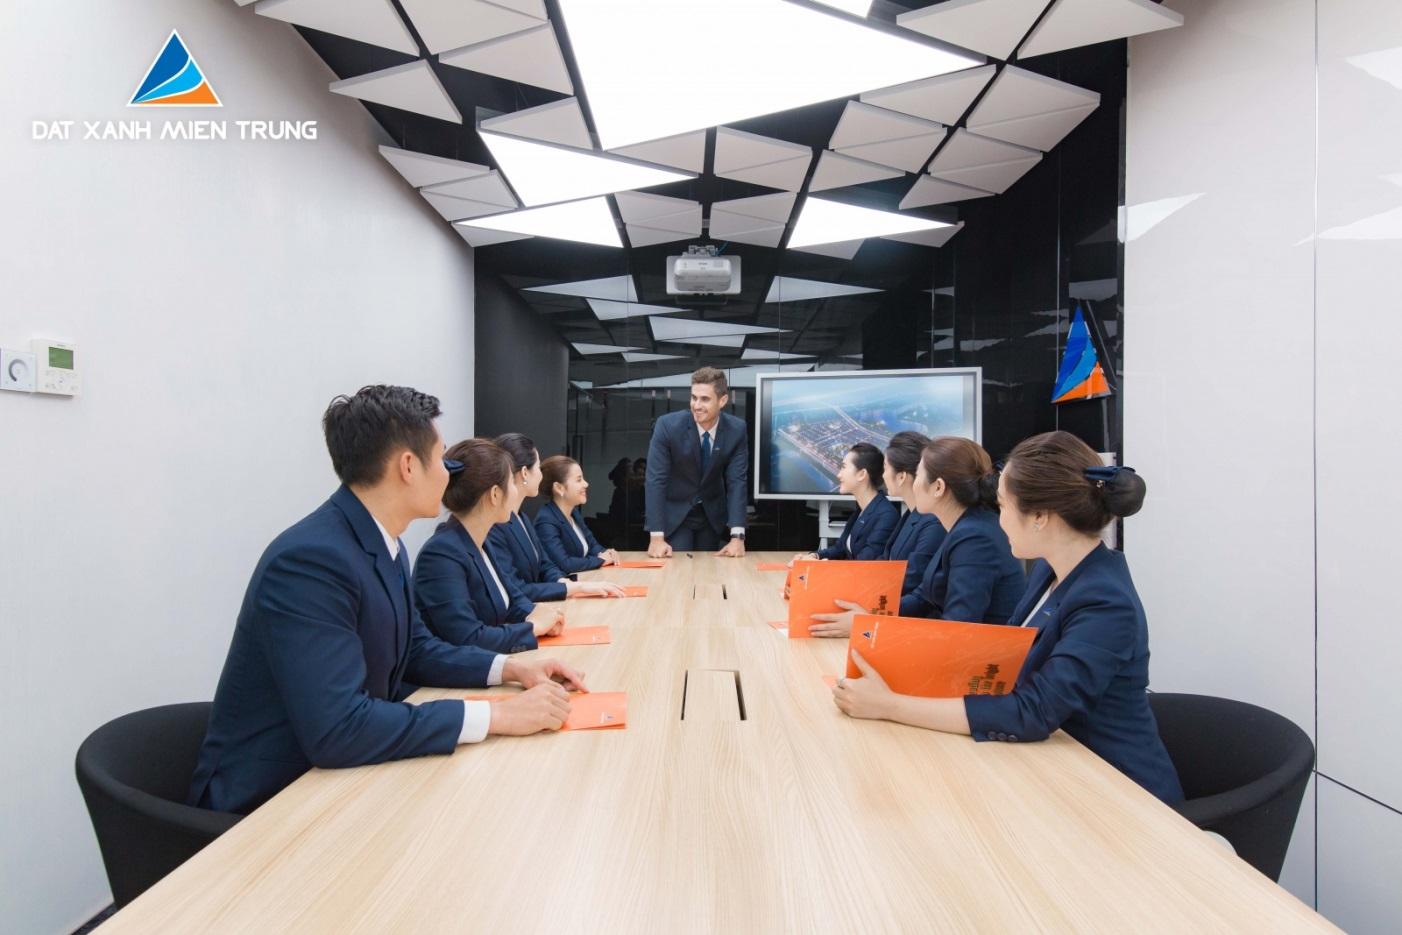 Đất Xanh Miền Trung lọt top 15 doanh nghiệp tăng trưởng nhanh nhất năm 2020  - Ảnh 2